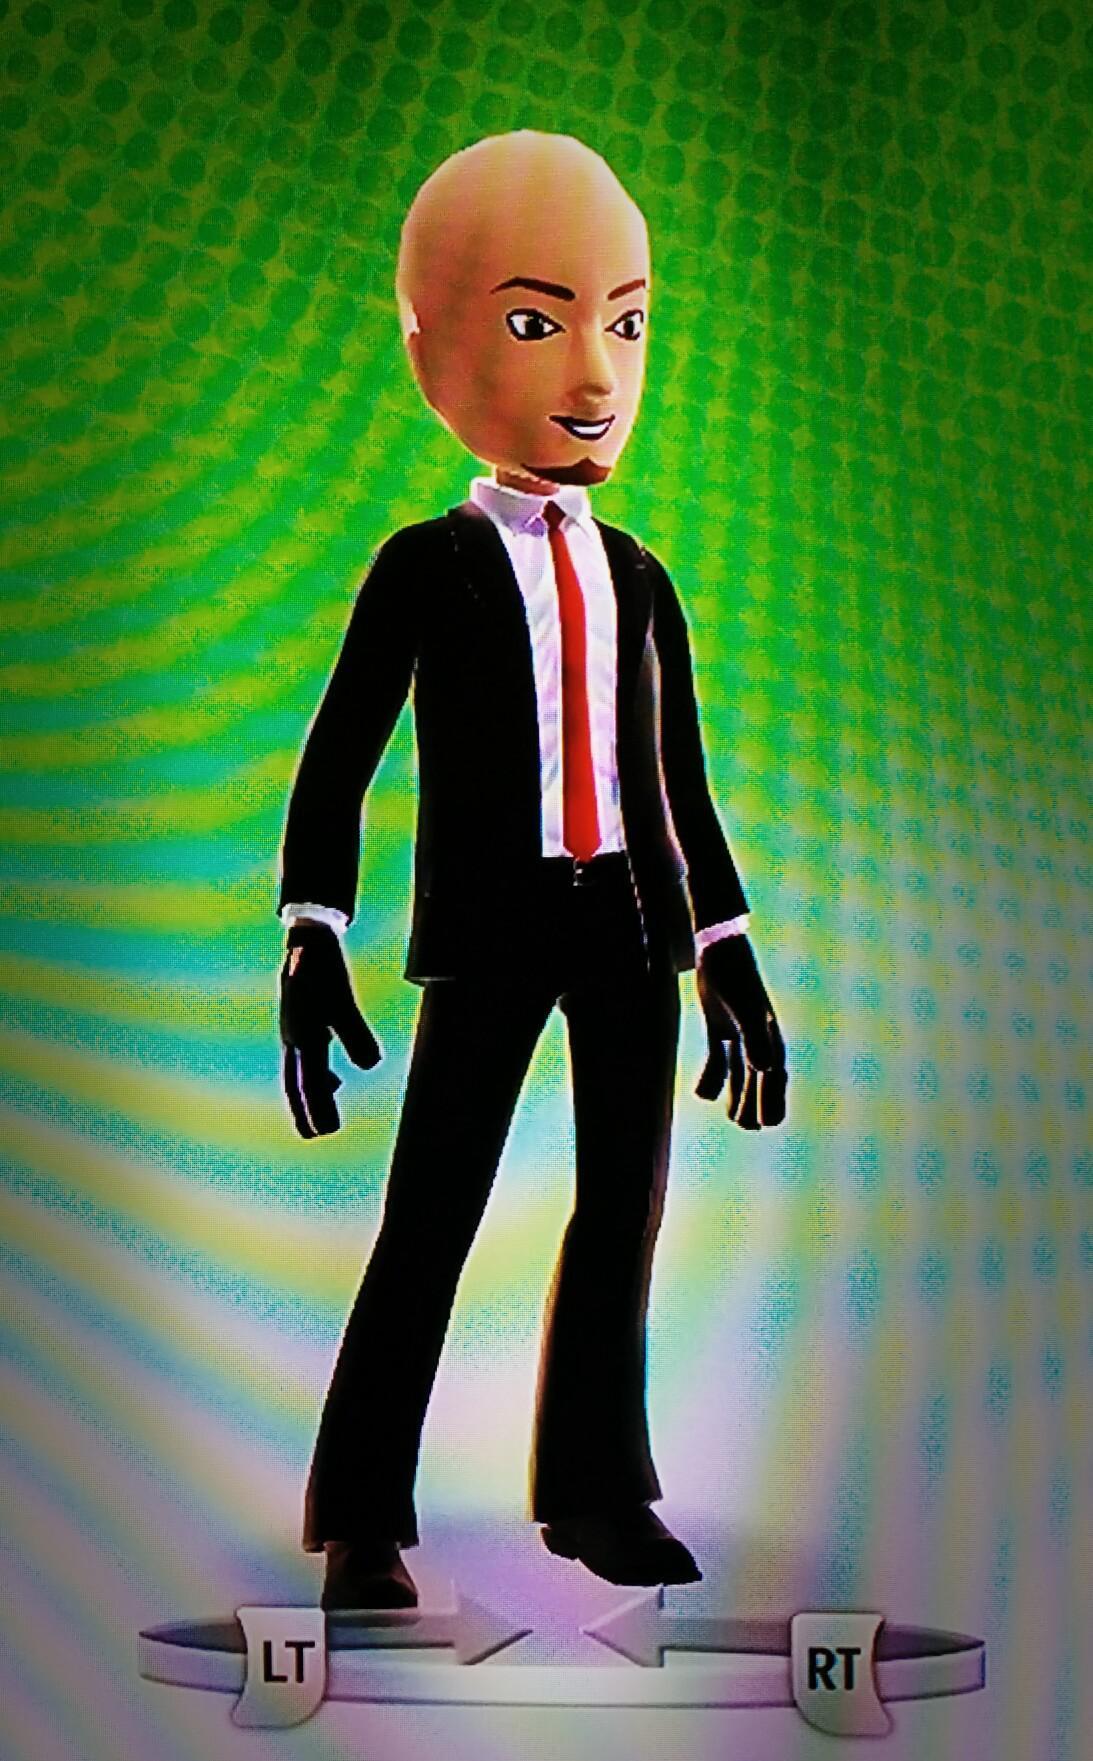 Hitman : Tenue, Mission Impossible Rogue Nation : Objet d'avatar + thème + image de profil, Heroes of the Storm : Objet d'avatar pour Xbox live